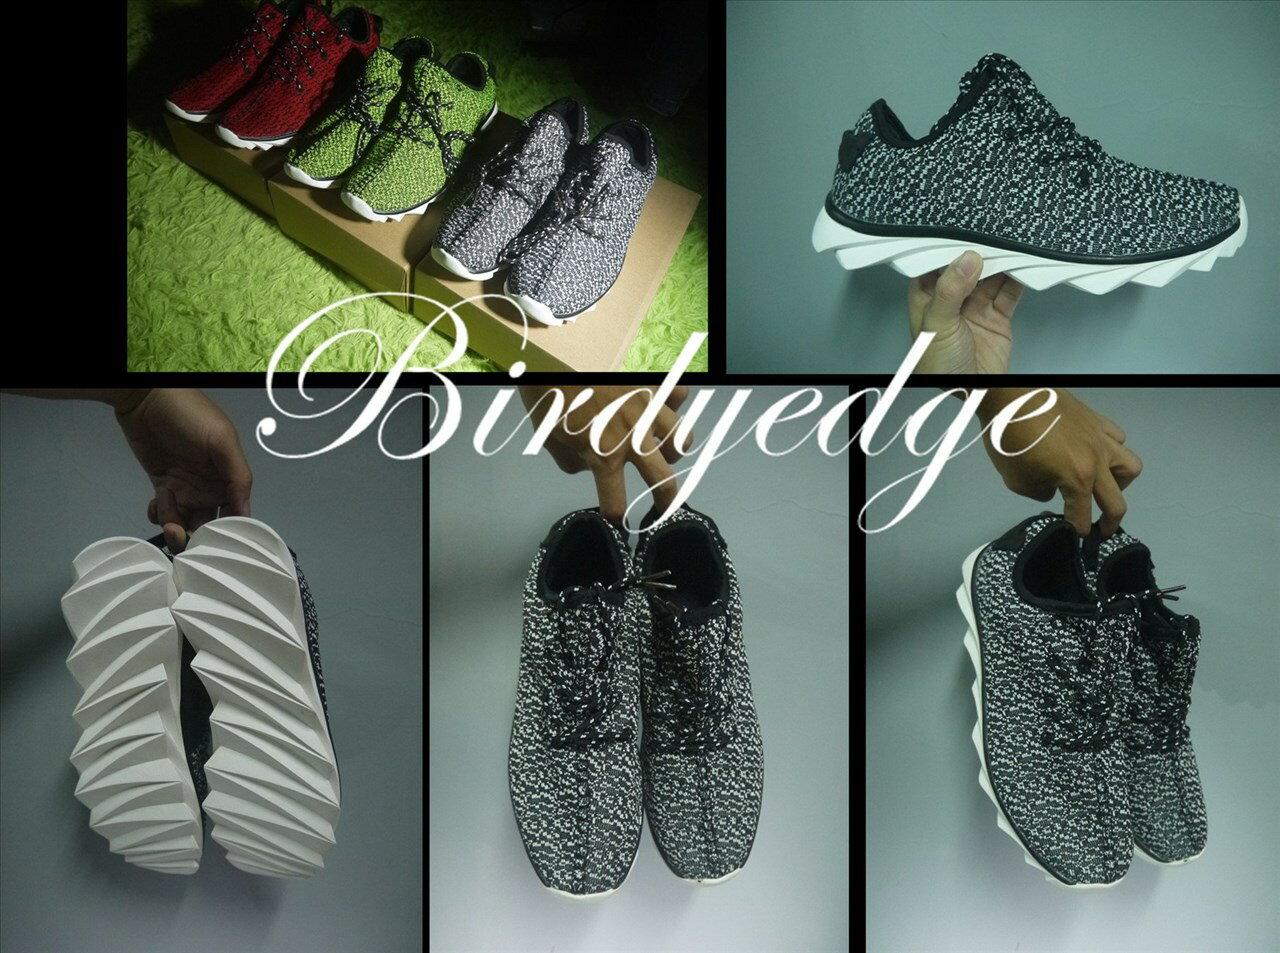 韓國 鯊魚鞋 潮流 鞋 跑鞋 運動 健身 鞋 厚底 增高